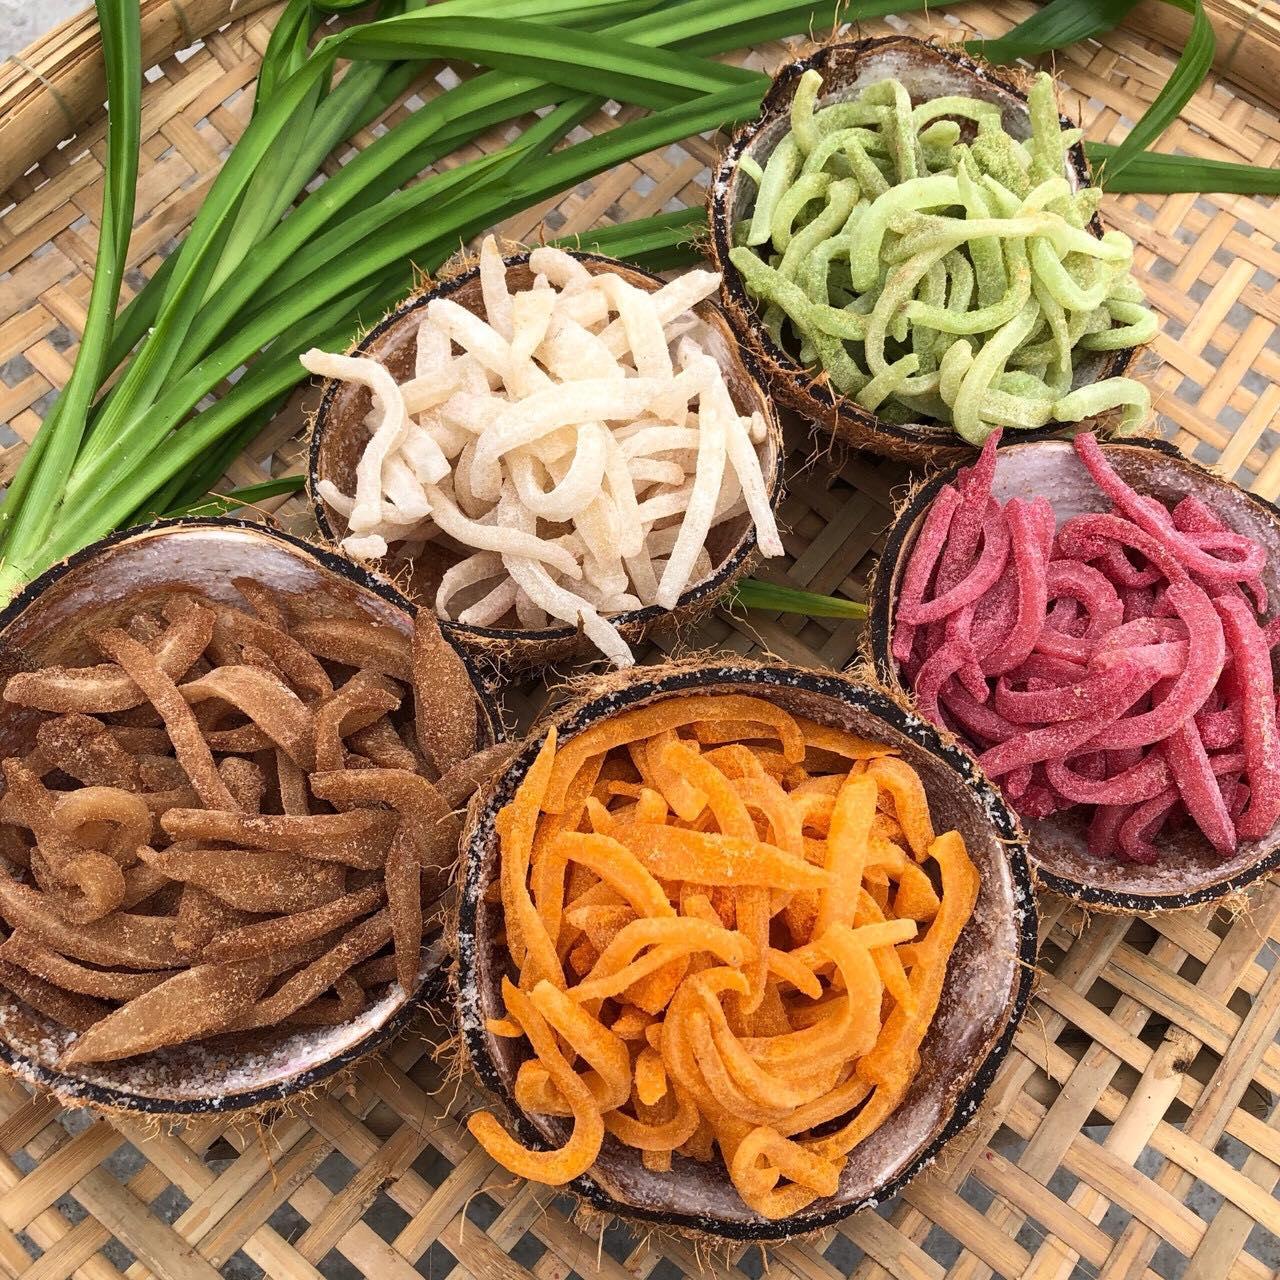 Đón Tết rộn ràng với 7 cách làm mứt dừa thơm ngon, cực kì hấp dẫn  - Ảnh 4.